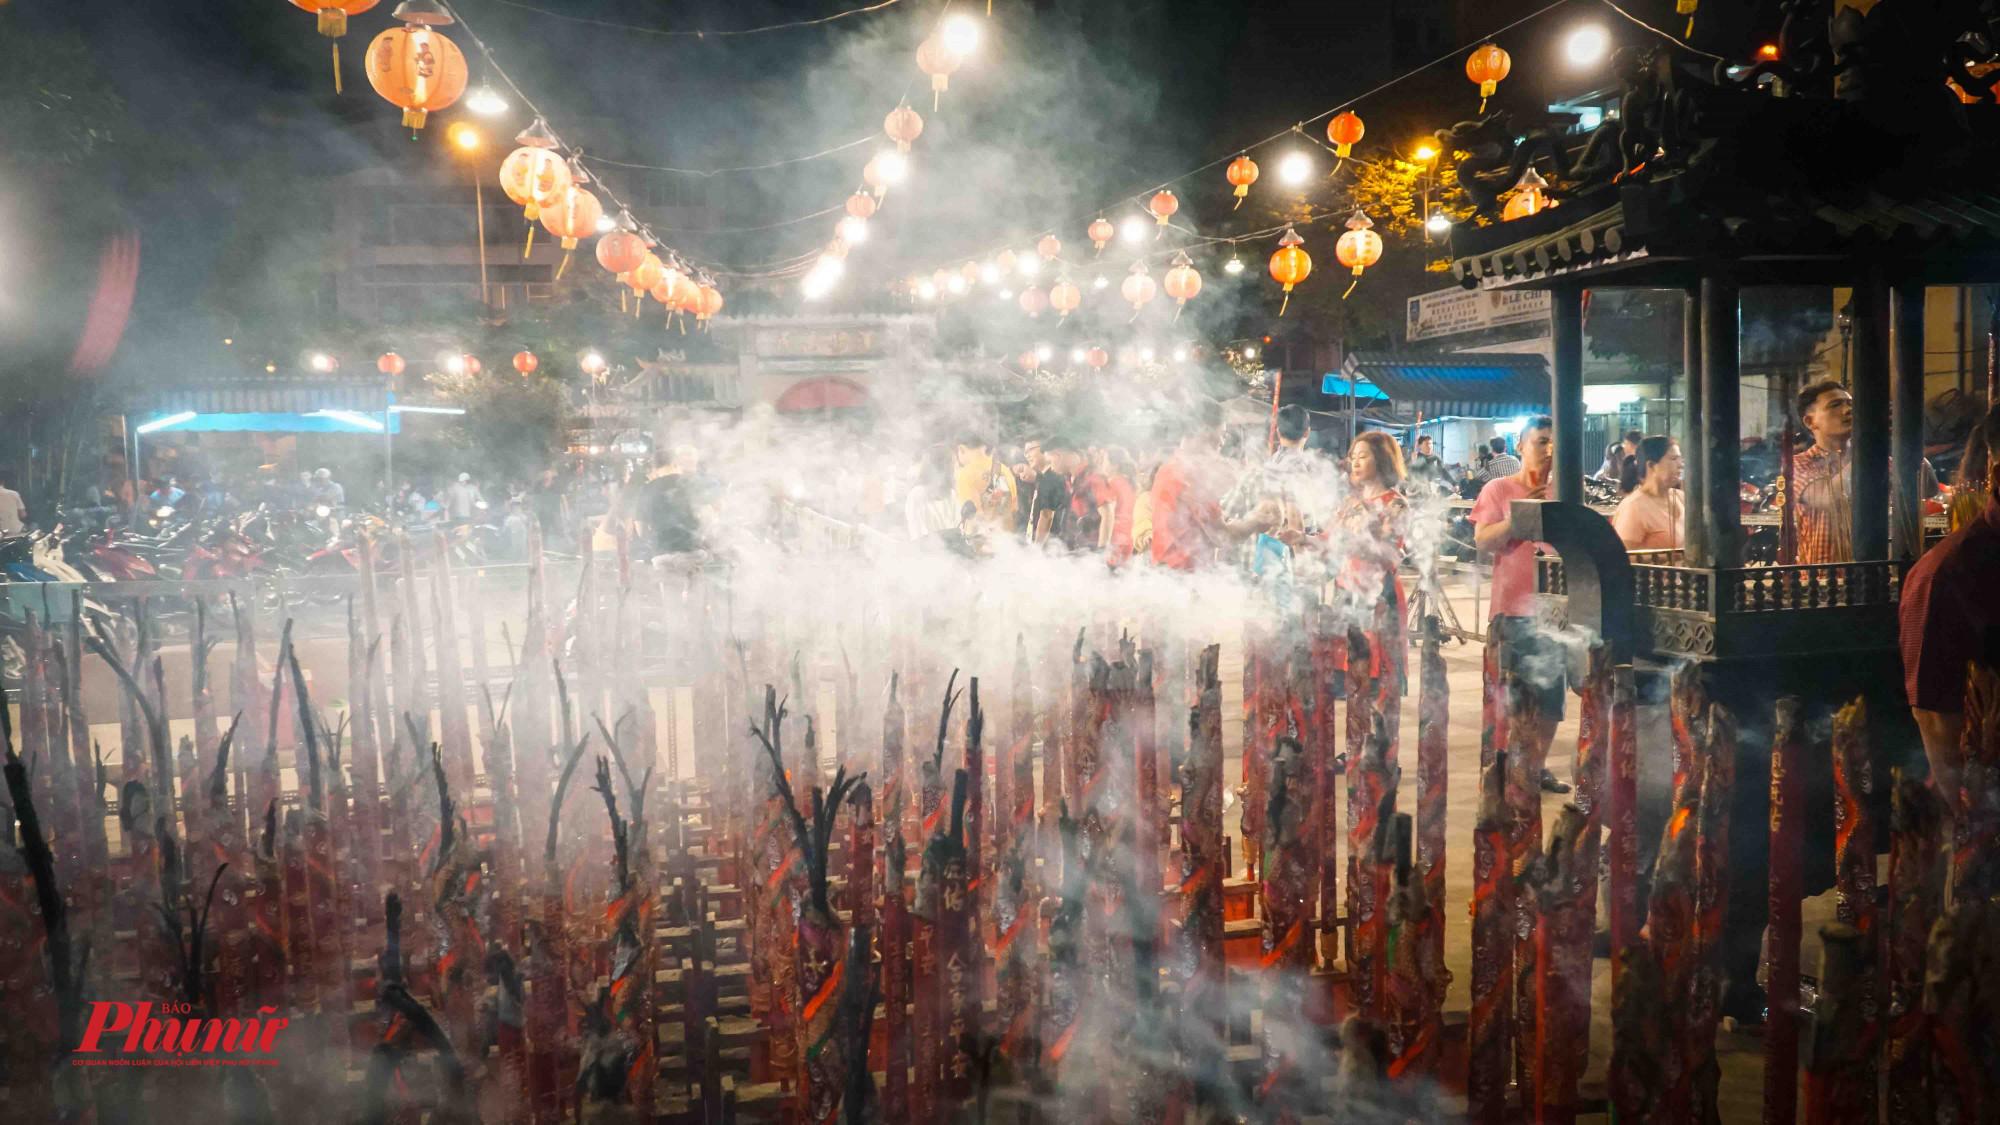 Số lượng nhang đốt quá nhiều khiến ngôi chúa lúc nào cũng chìm trong khói trắng